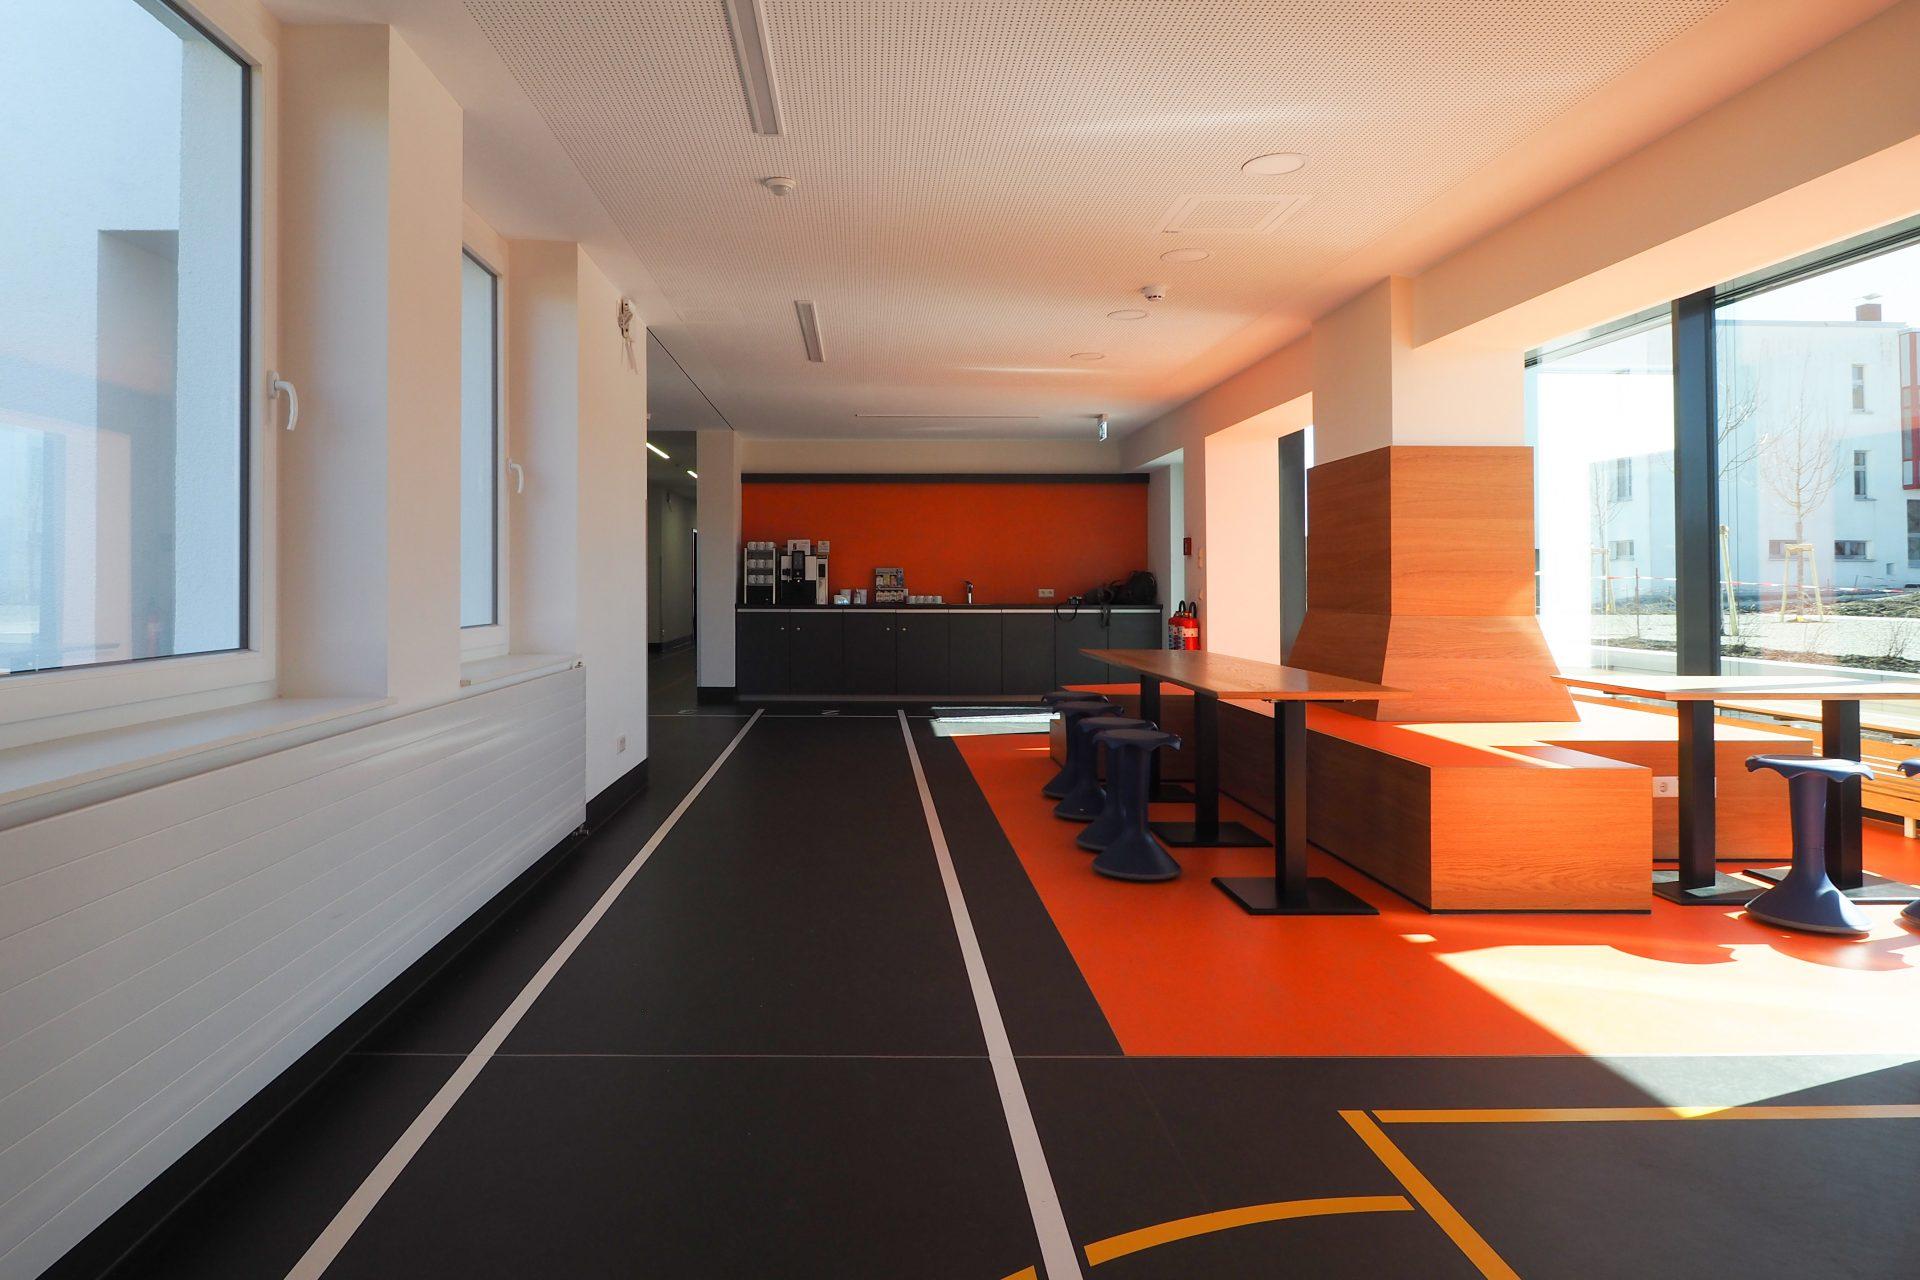 Landessportschule Tailfingen